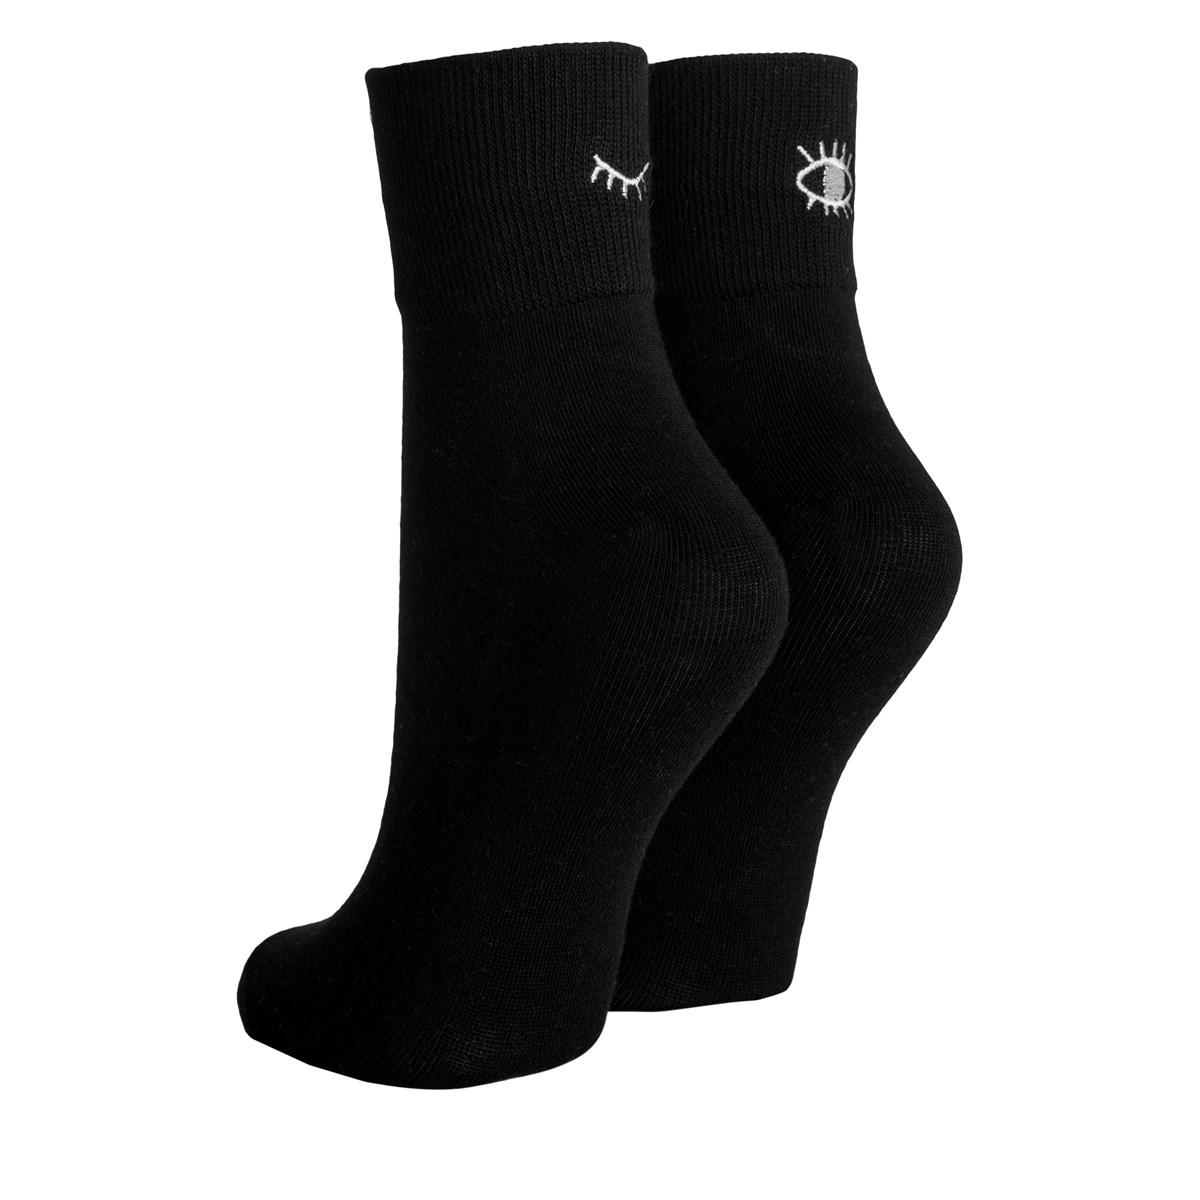 Women's Blink Ankle Socks in Black